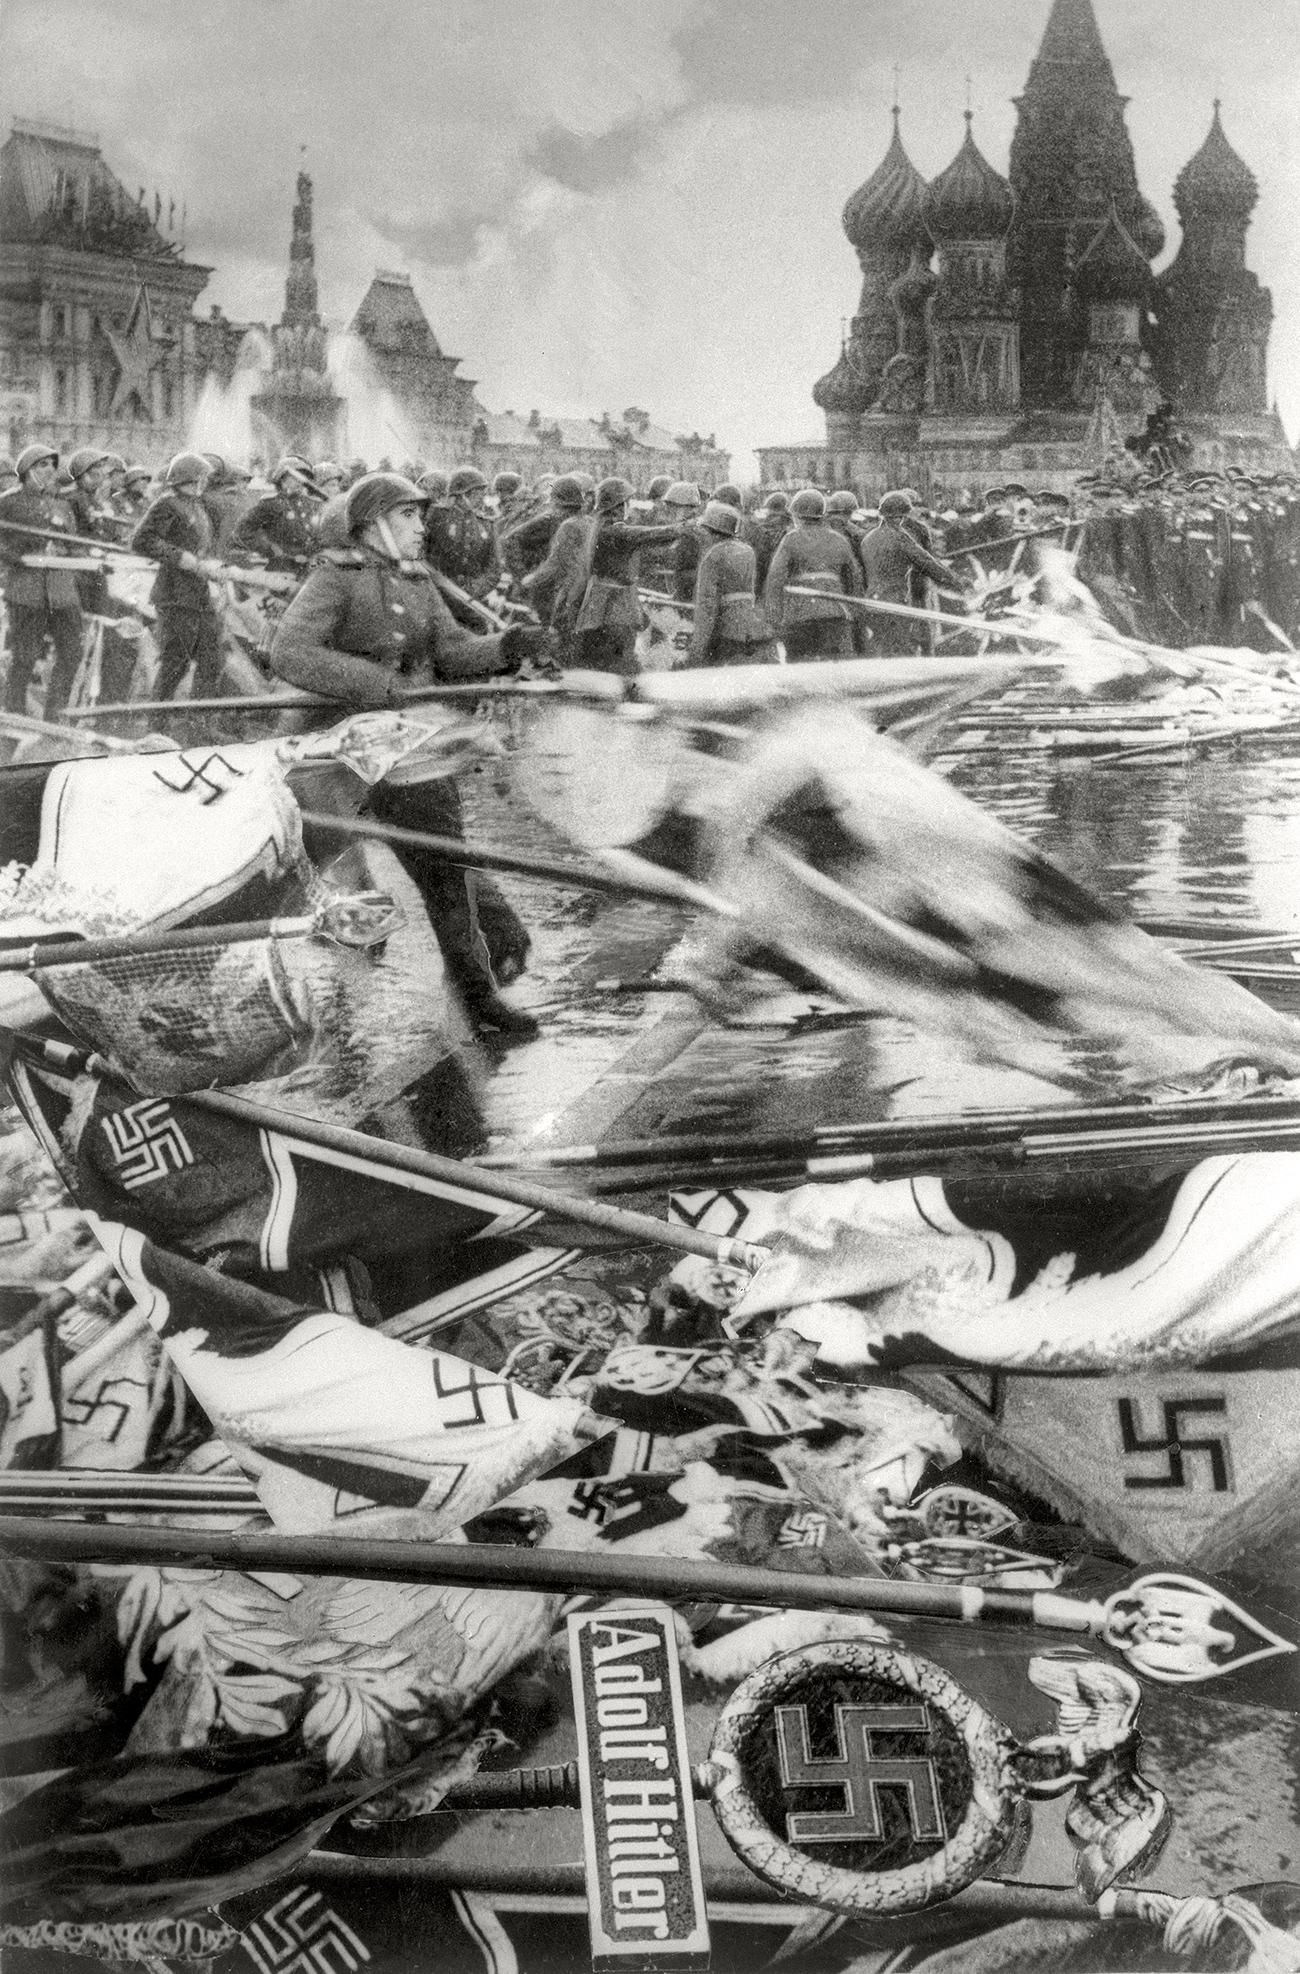 Les soldats jettent les bannières nazies, Parade de la Victoire, Moscou, 24 juin 1945. Crédit: Musée d'art multimédia de Moscou